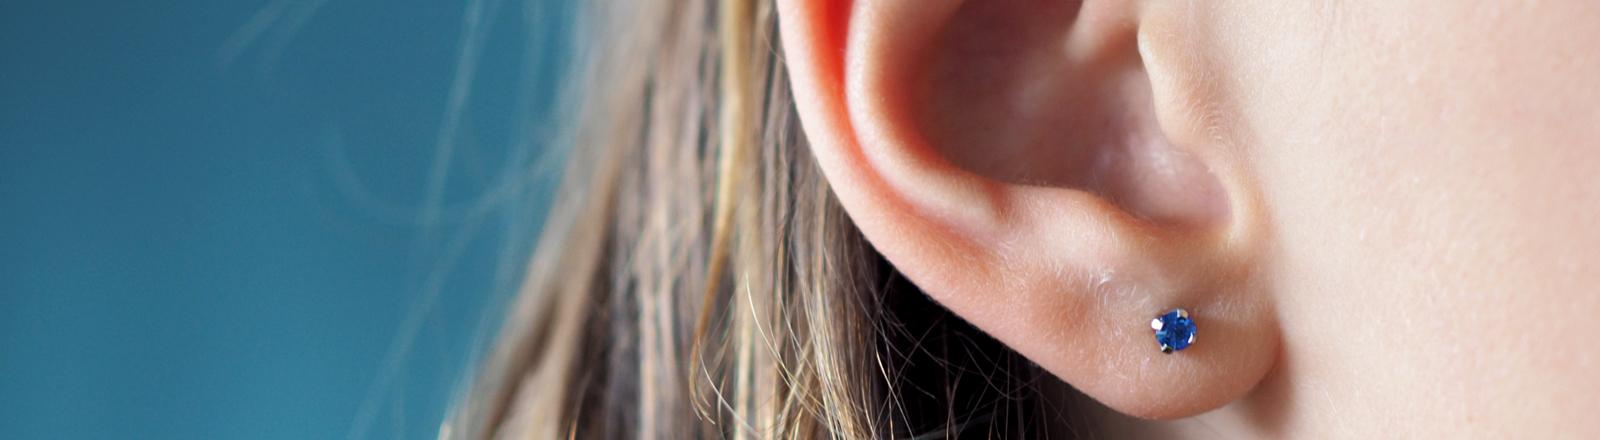 Frauenohr mit Ohrring